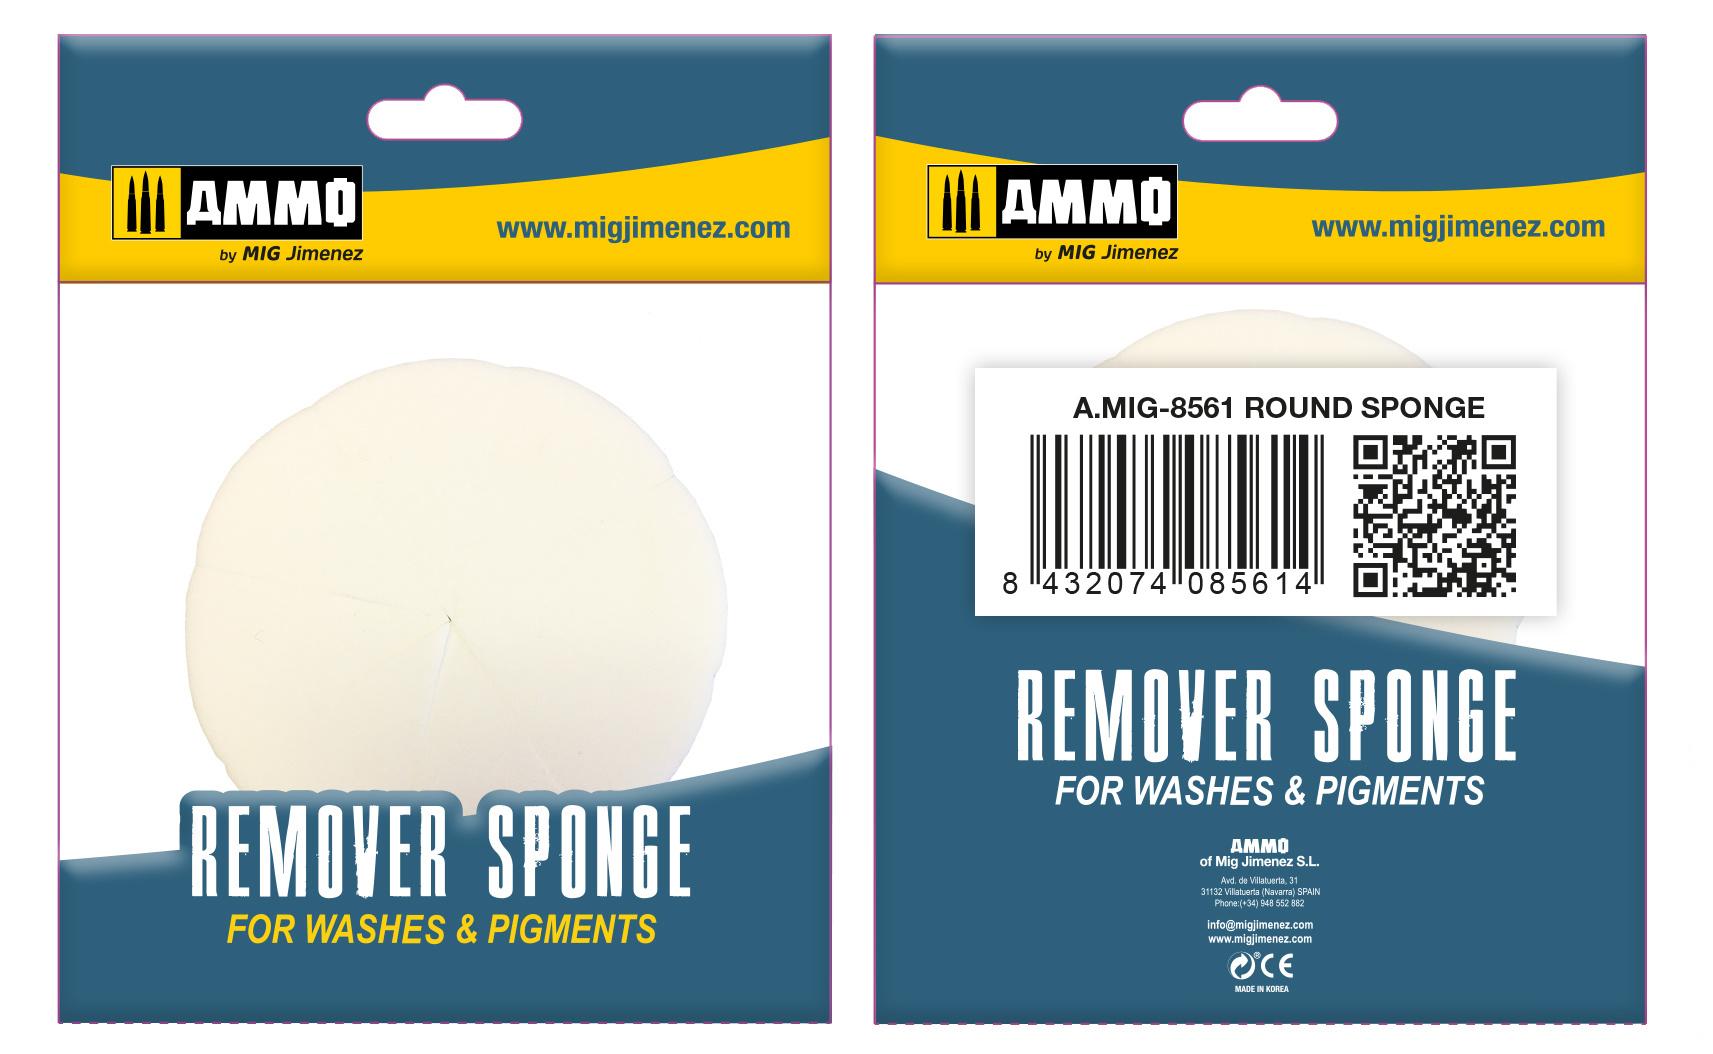 Ammo by Mig Jimenez Round Remover Sponge - Ammo by Mig Jimenez - A.MIG-8561